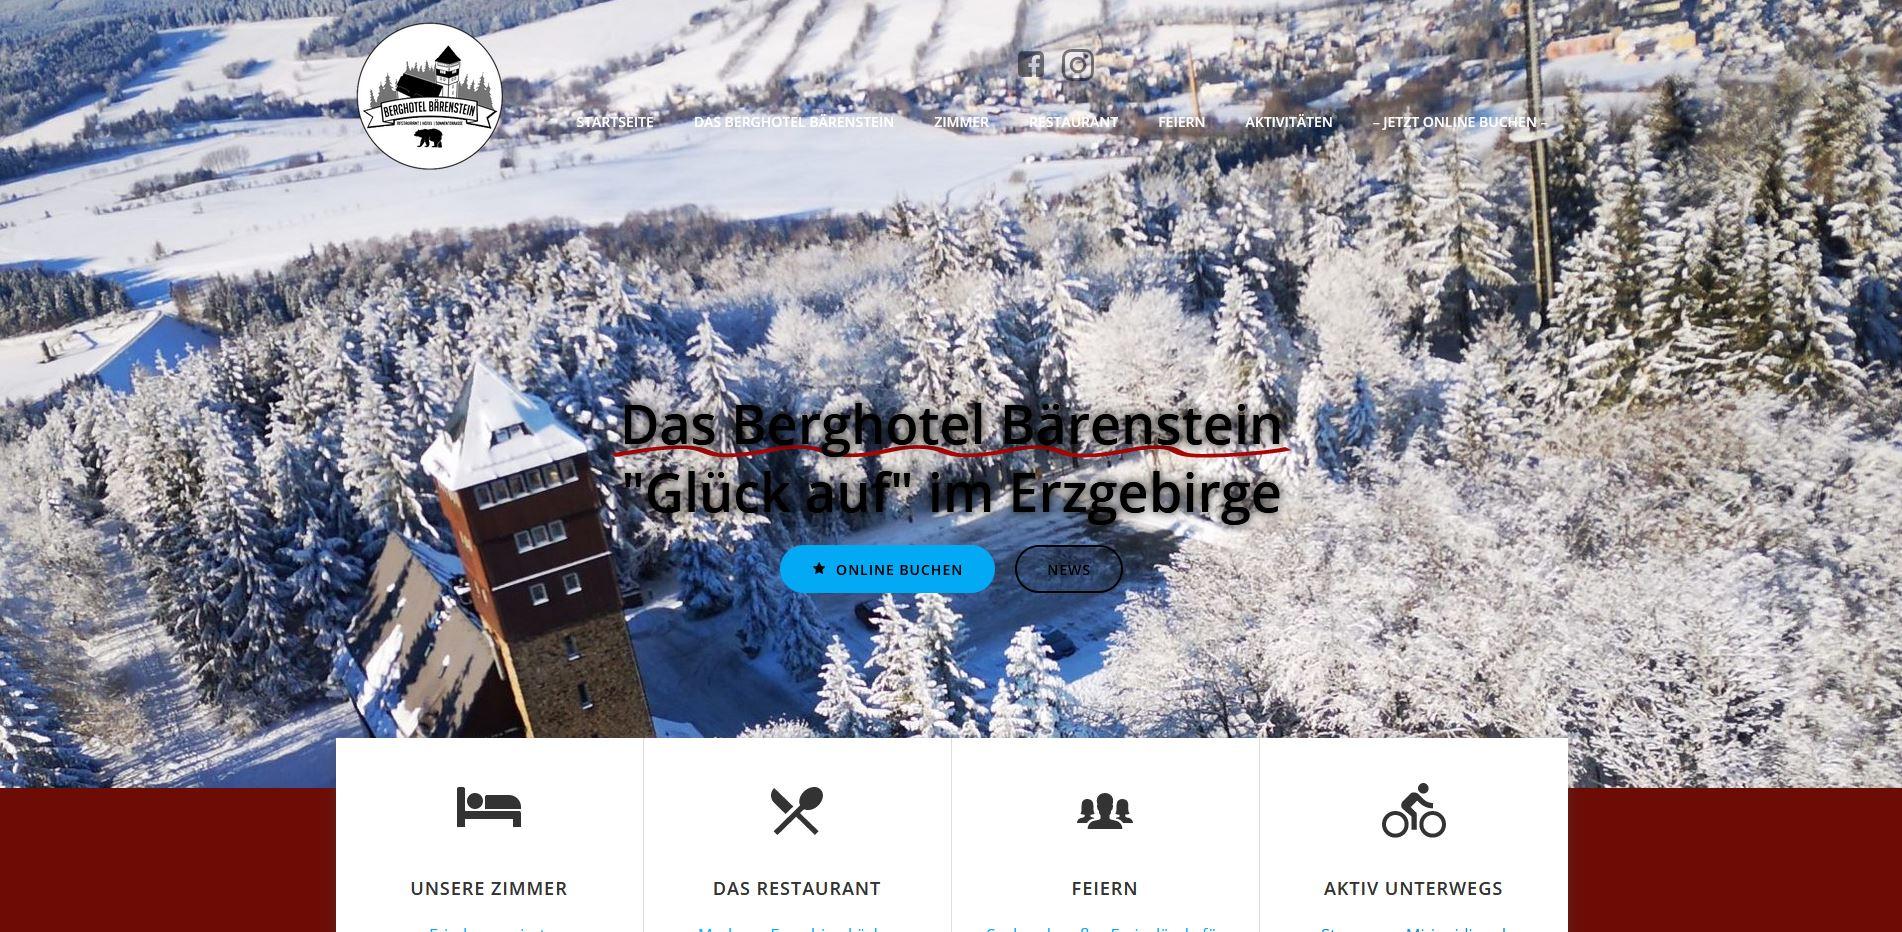 Das Berghotel Bärenstein im Erzgebirge…